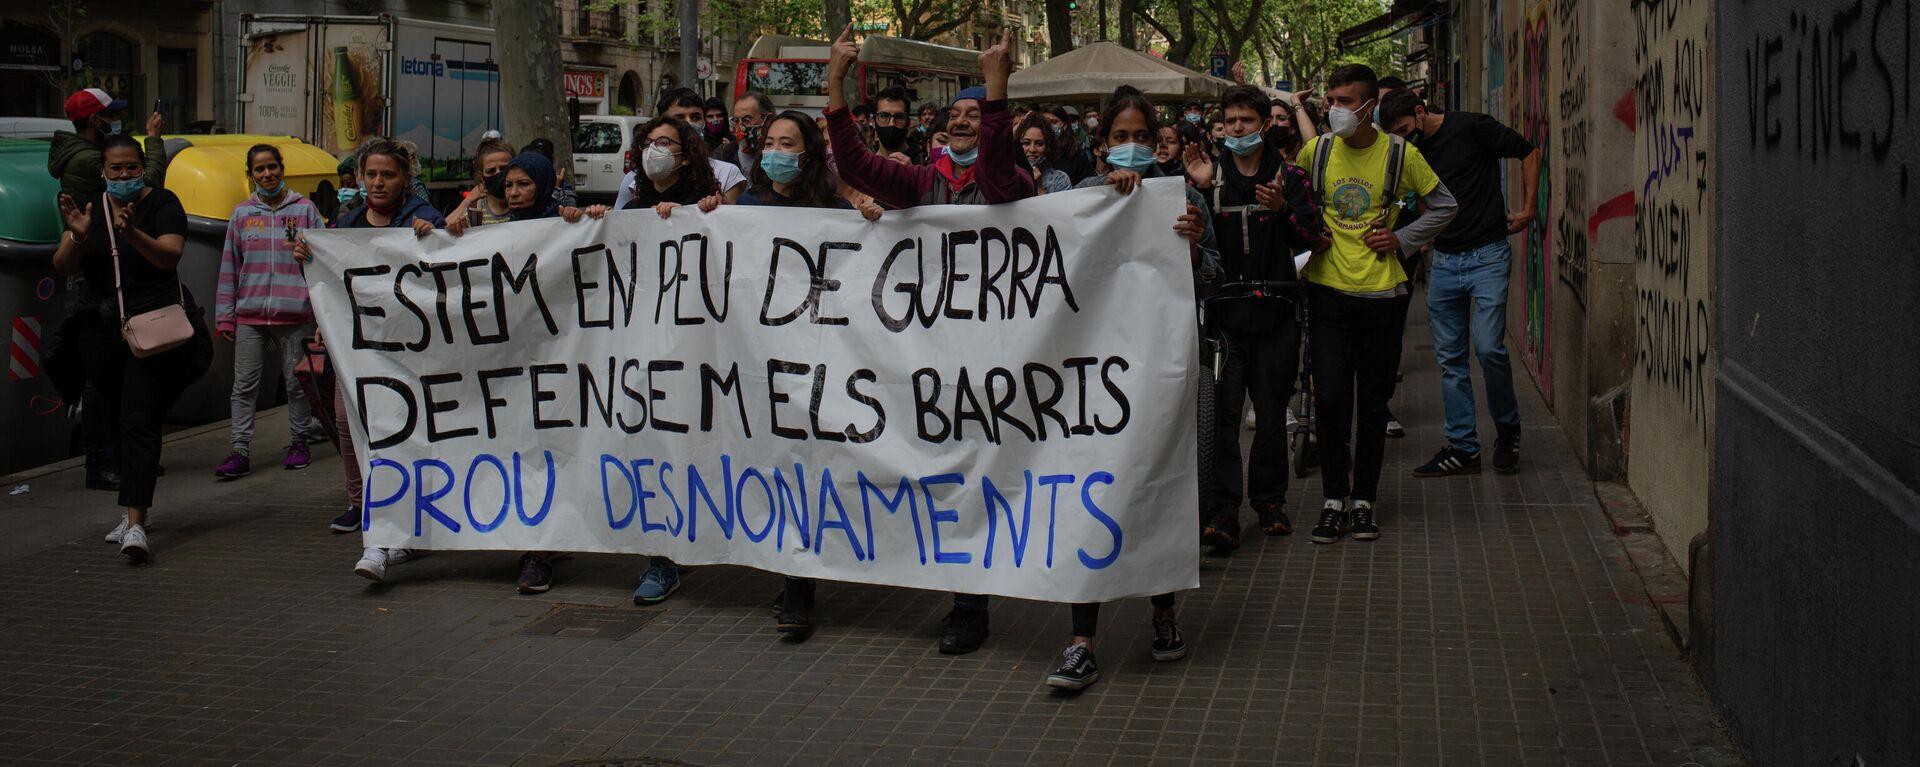 Manifestación contra los desahucios en Barcelona en abril de 2021 (referencial) - Sputnik Mundo, 1920, 25.05.2021